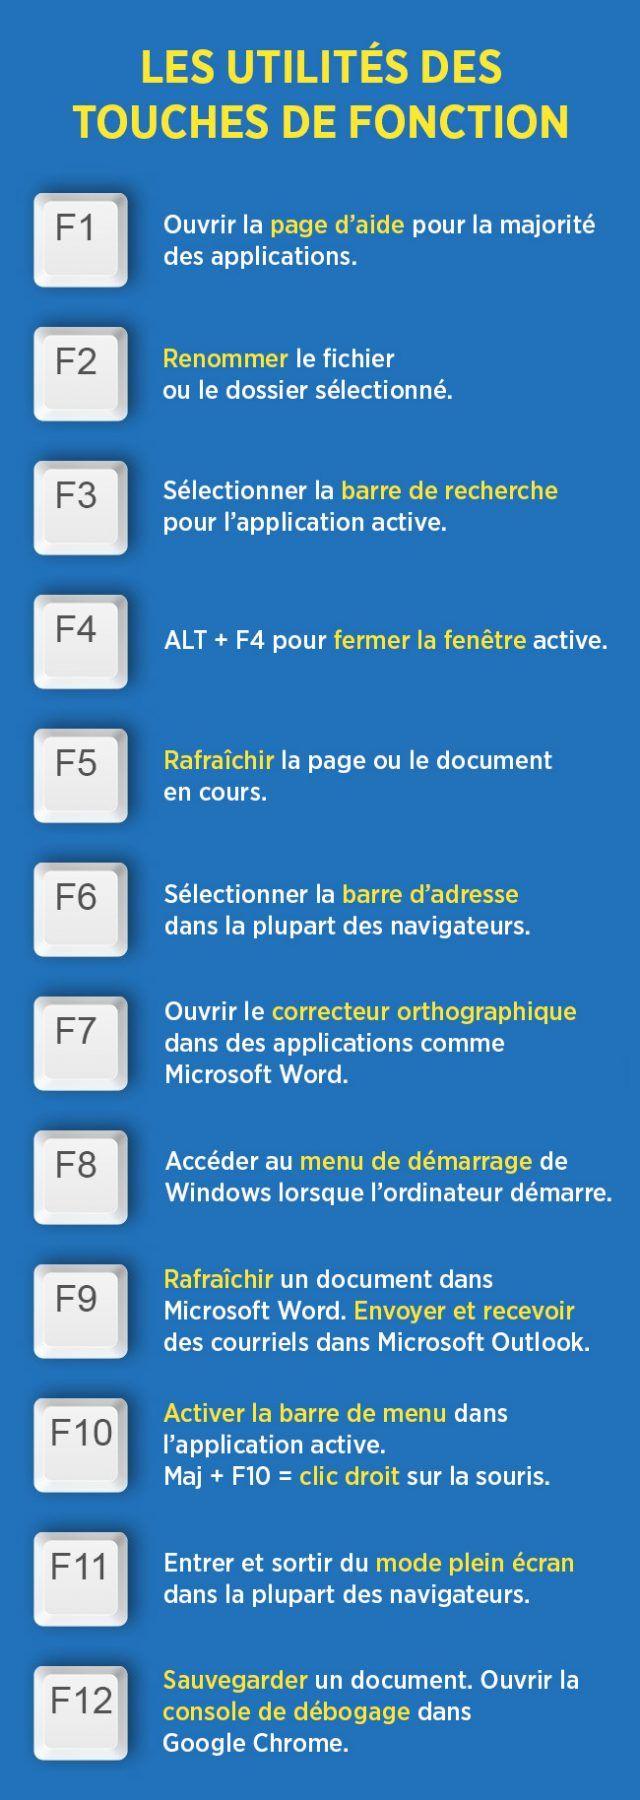 Les touches de fonction, F1 à F12, situées sur la rangée du dessus d'un clavier d'ordinateur, n'existent pas seulement pour ramasser la poussière.